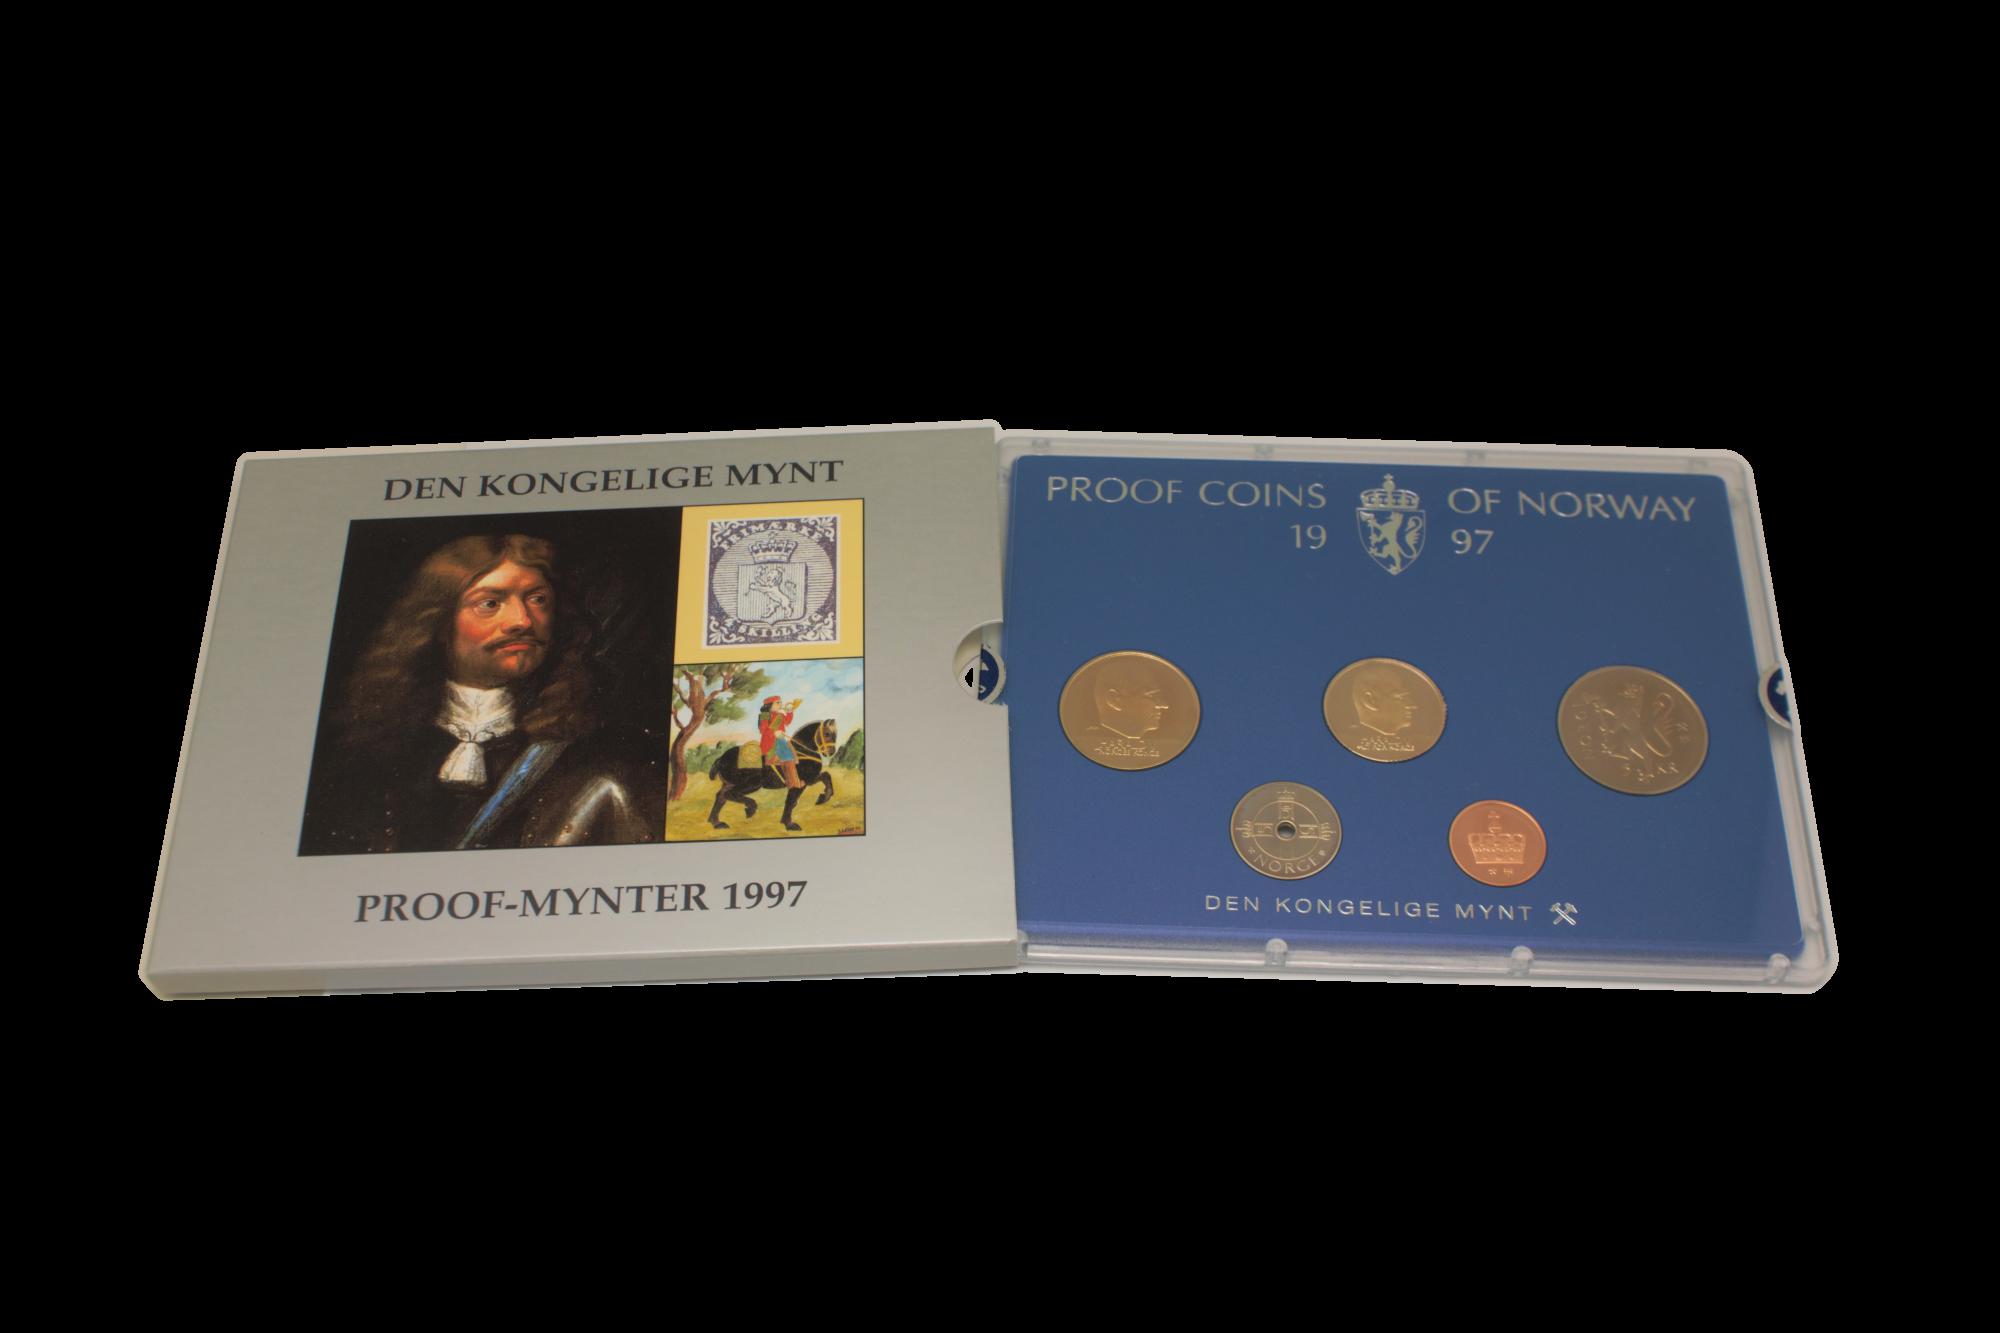 Proofsett 1997 komplett